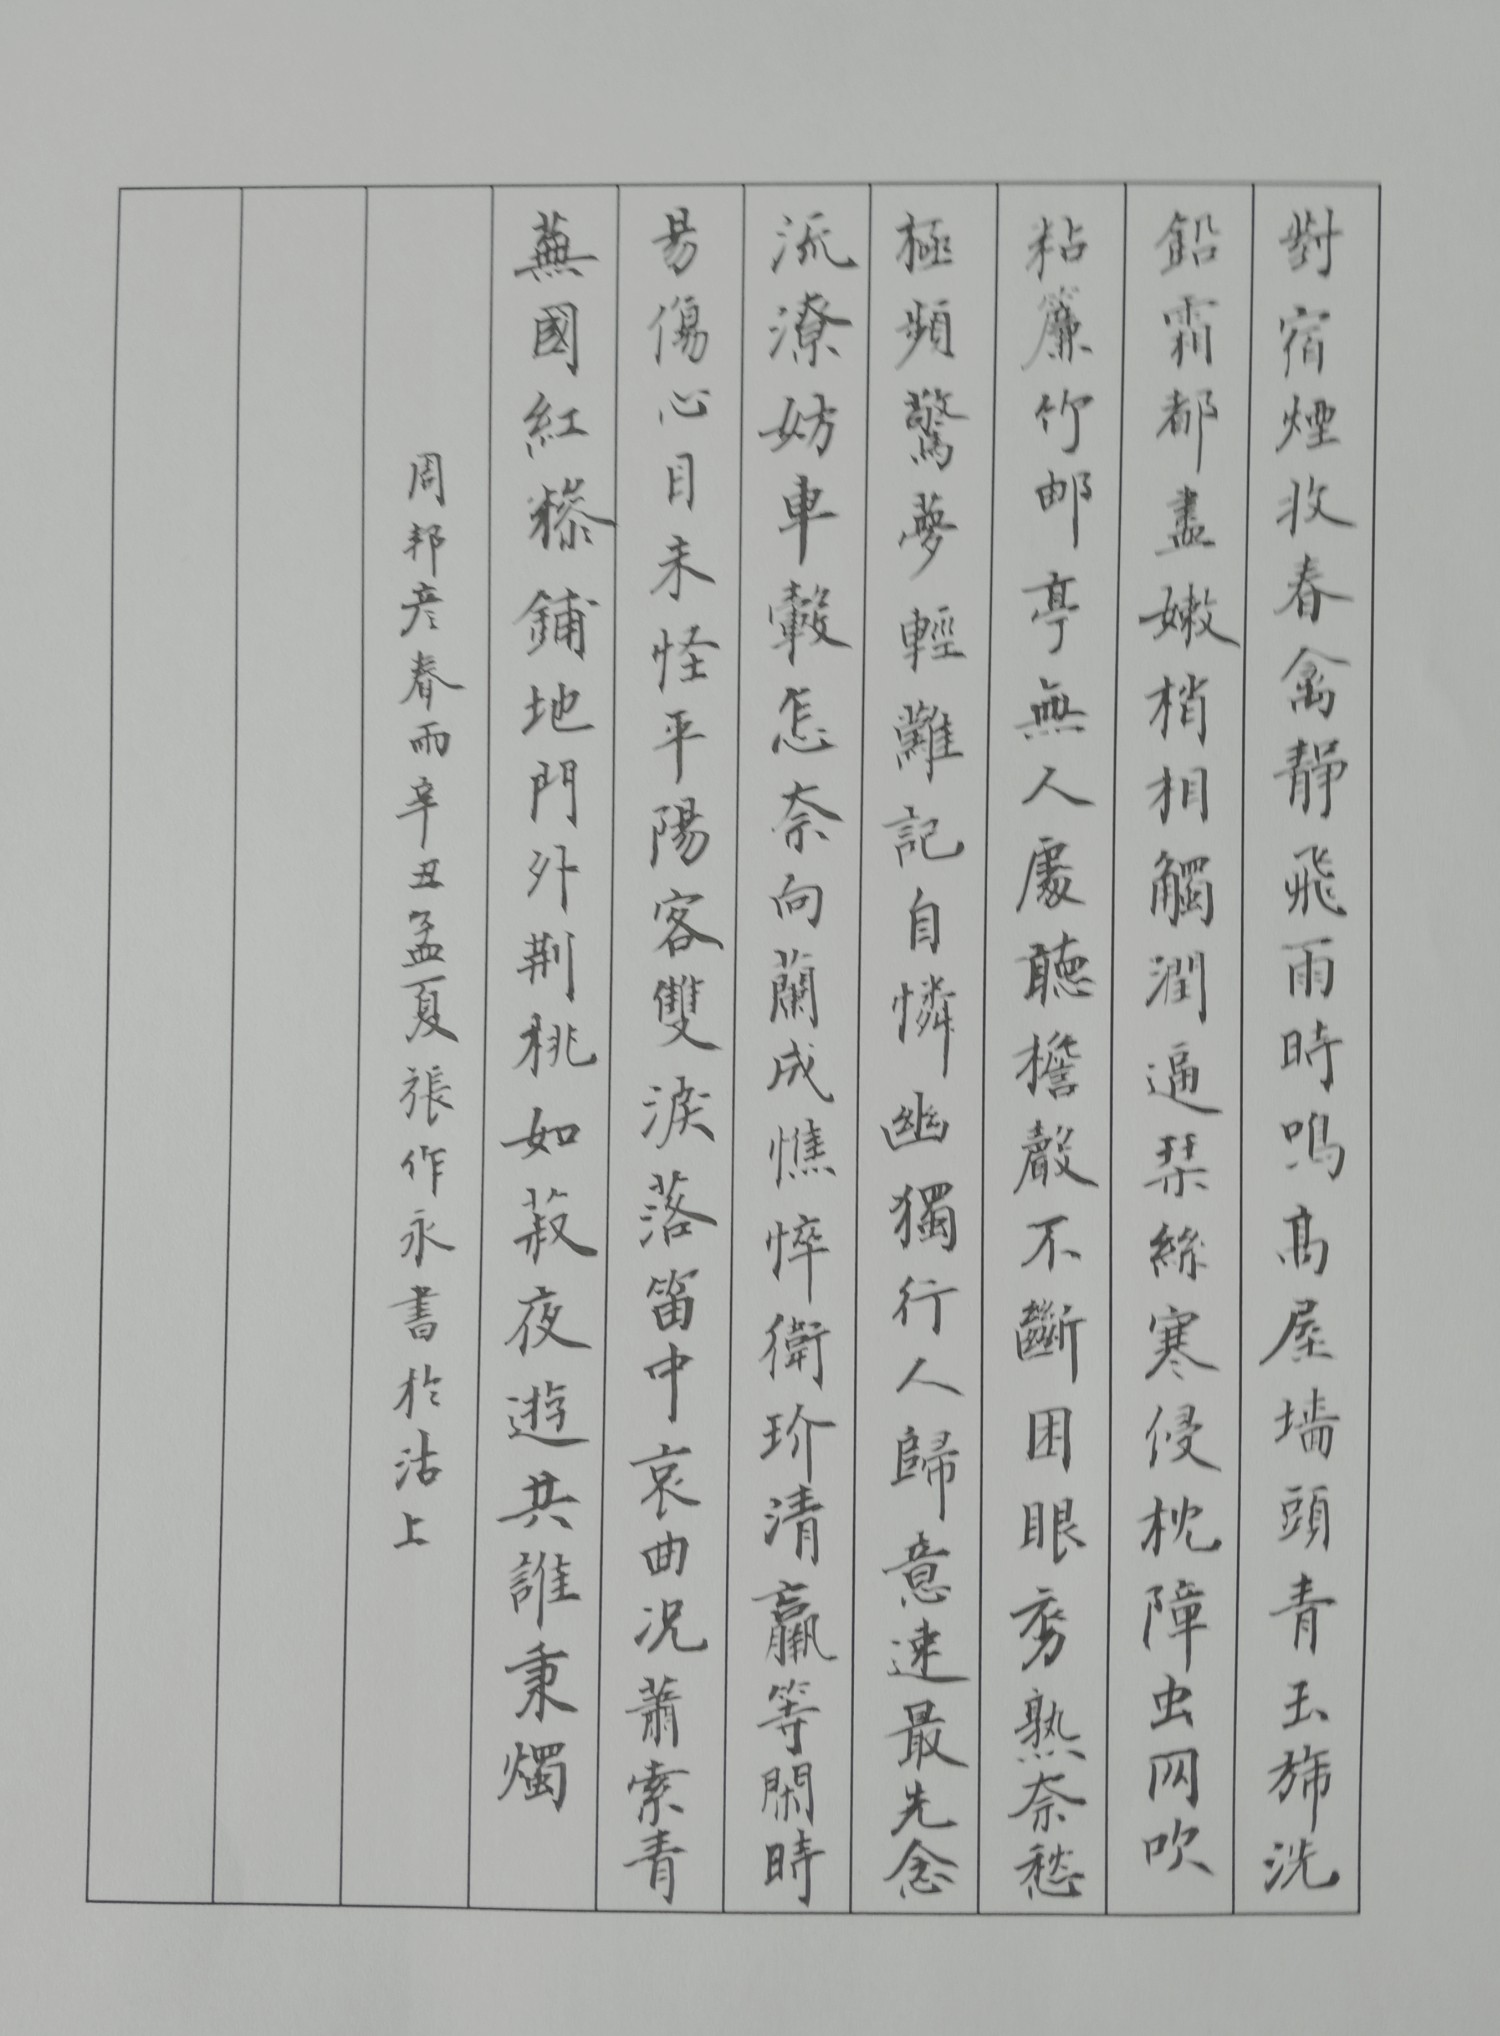 钢笔书法练字打卡20210629-18